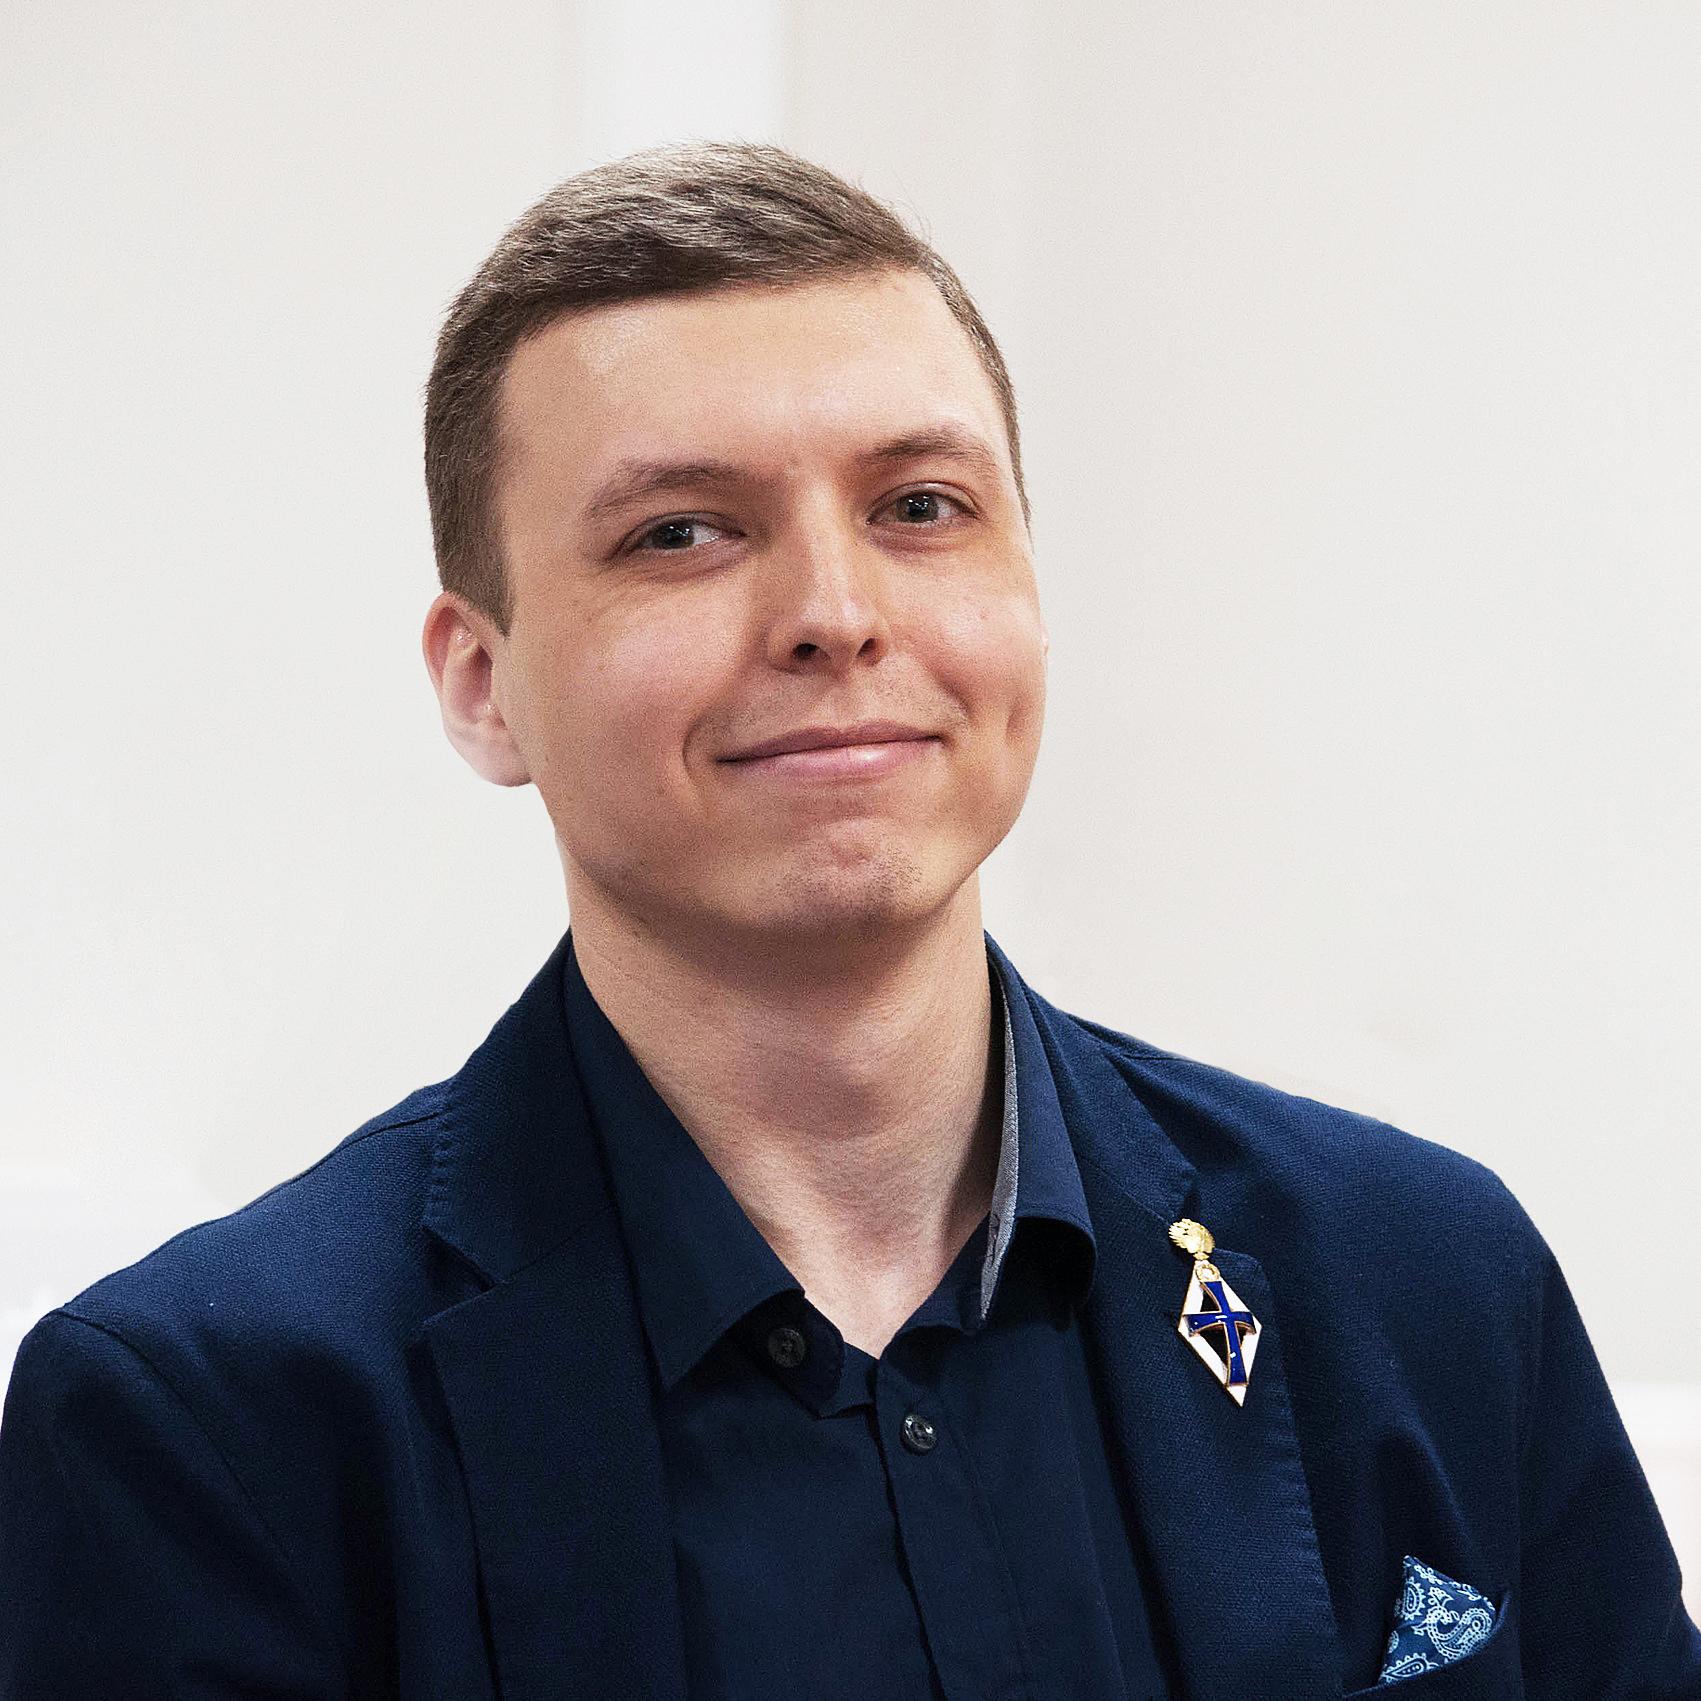 Лекторы 9 Школы — Сергеев  Василий Сергеевич